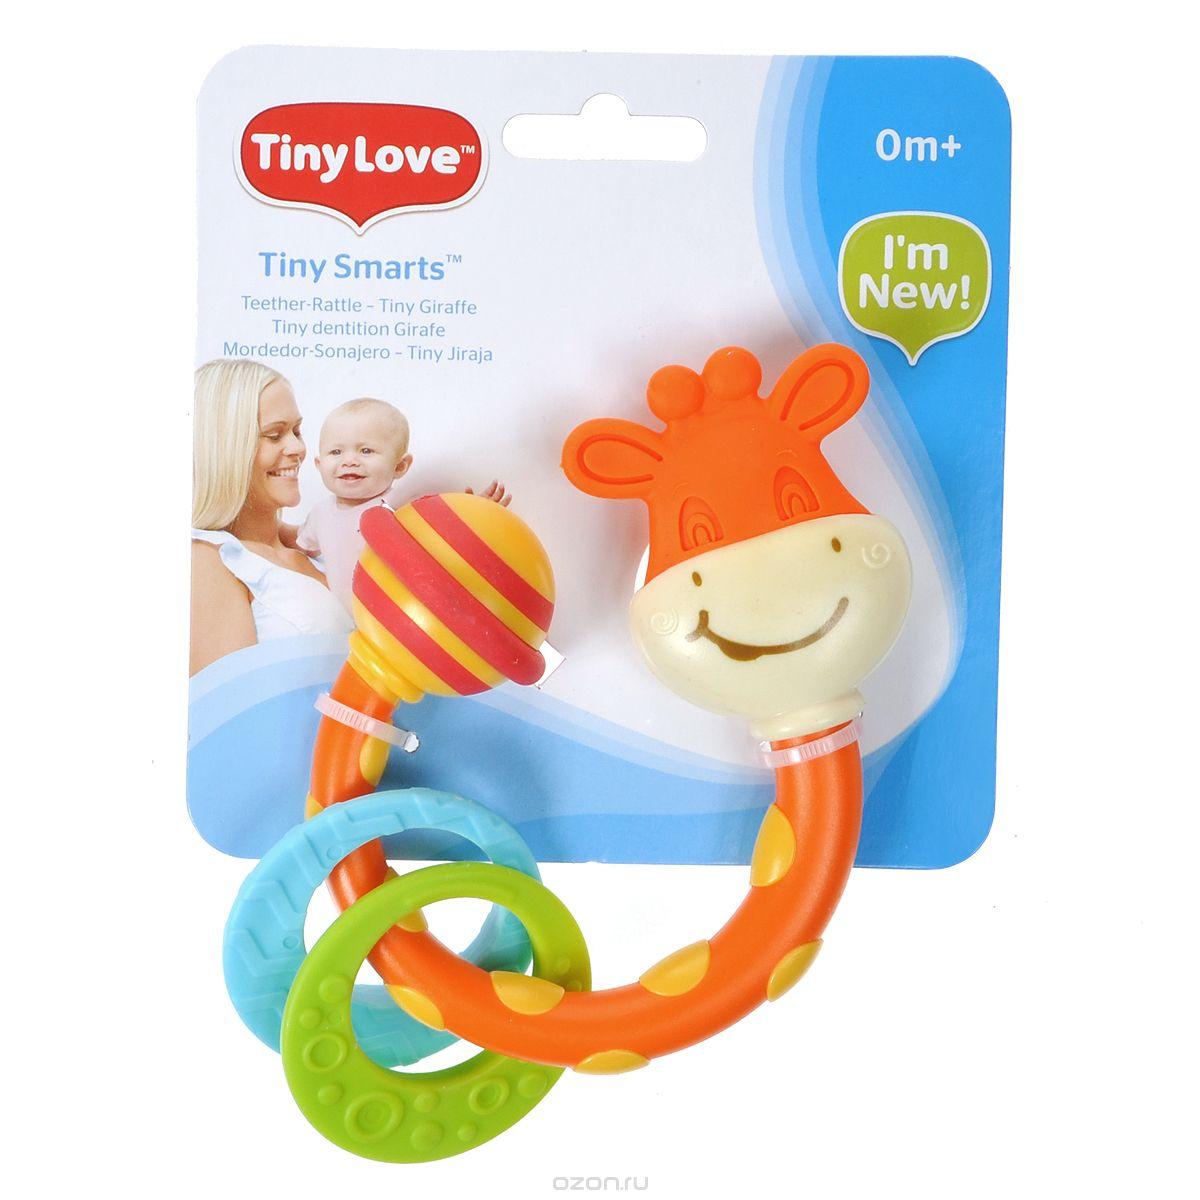 ����������-������������� Tiny Love ����� ����